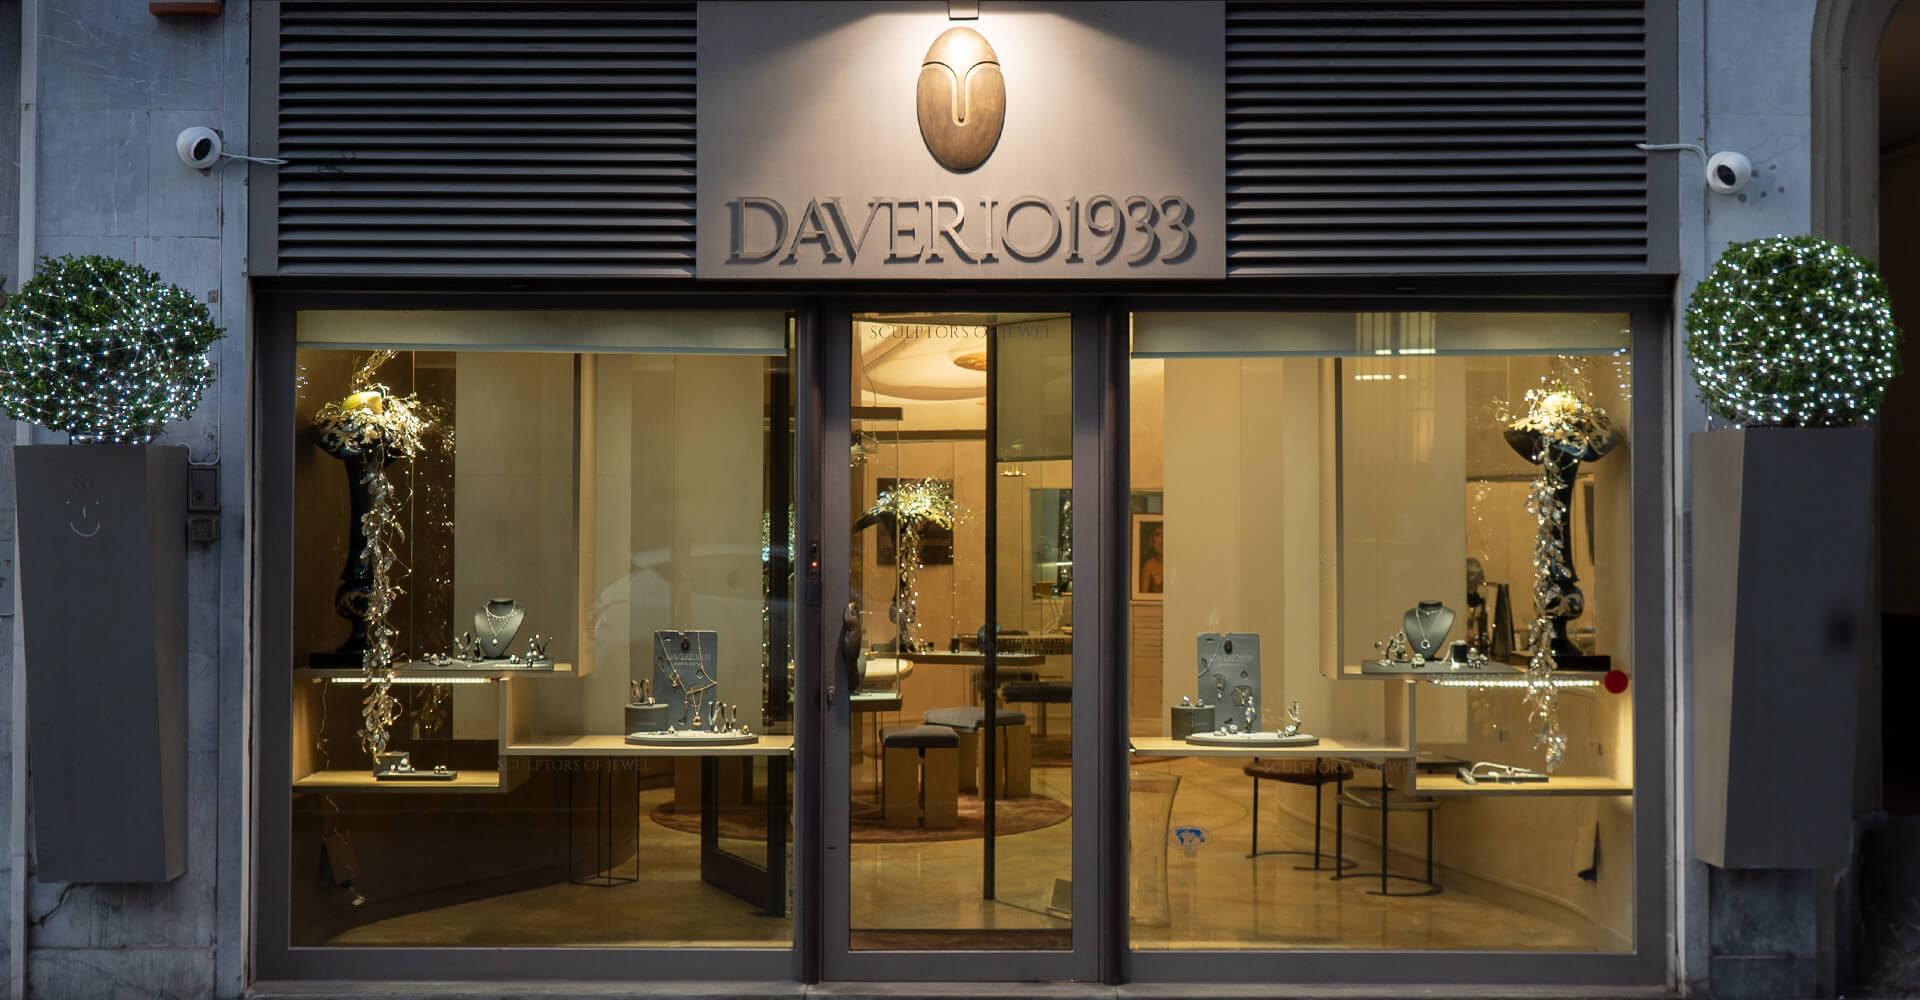 gioielli Dreambox Daverio 1933, Shop gioielli da uomo